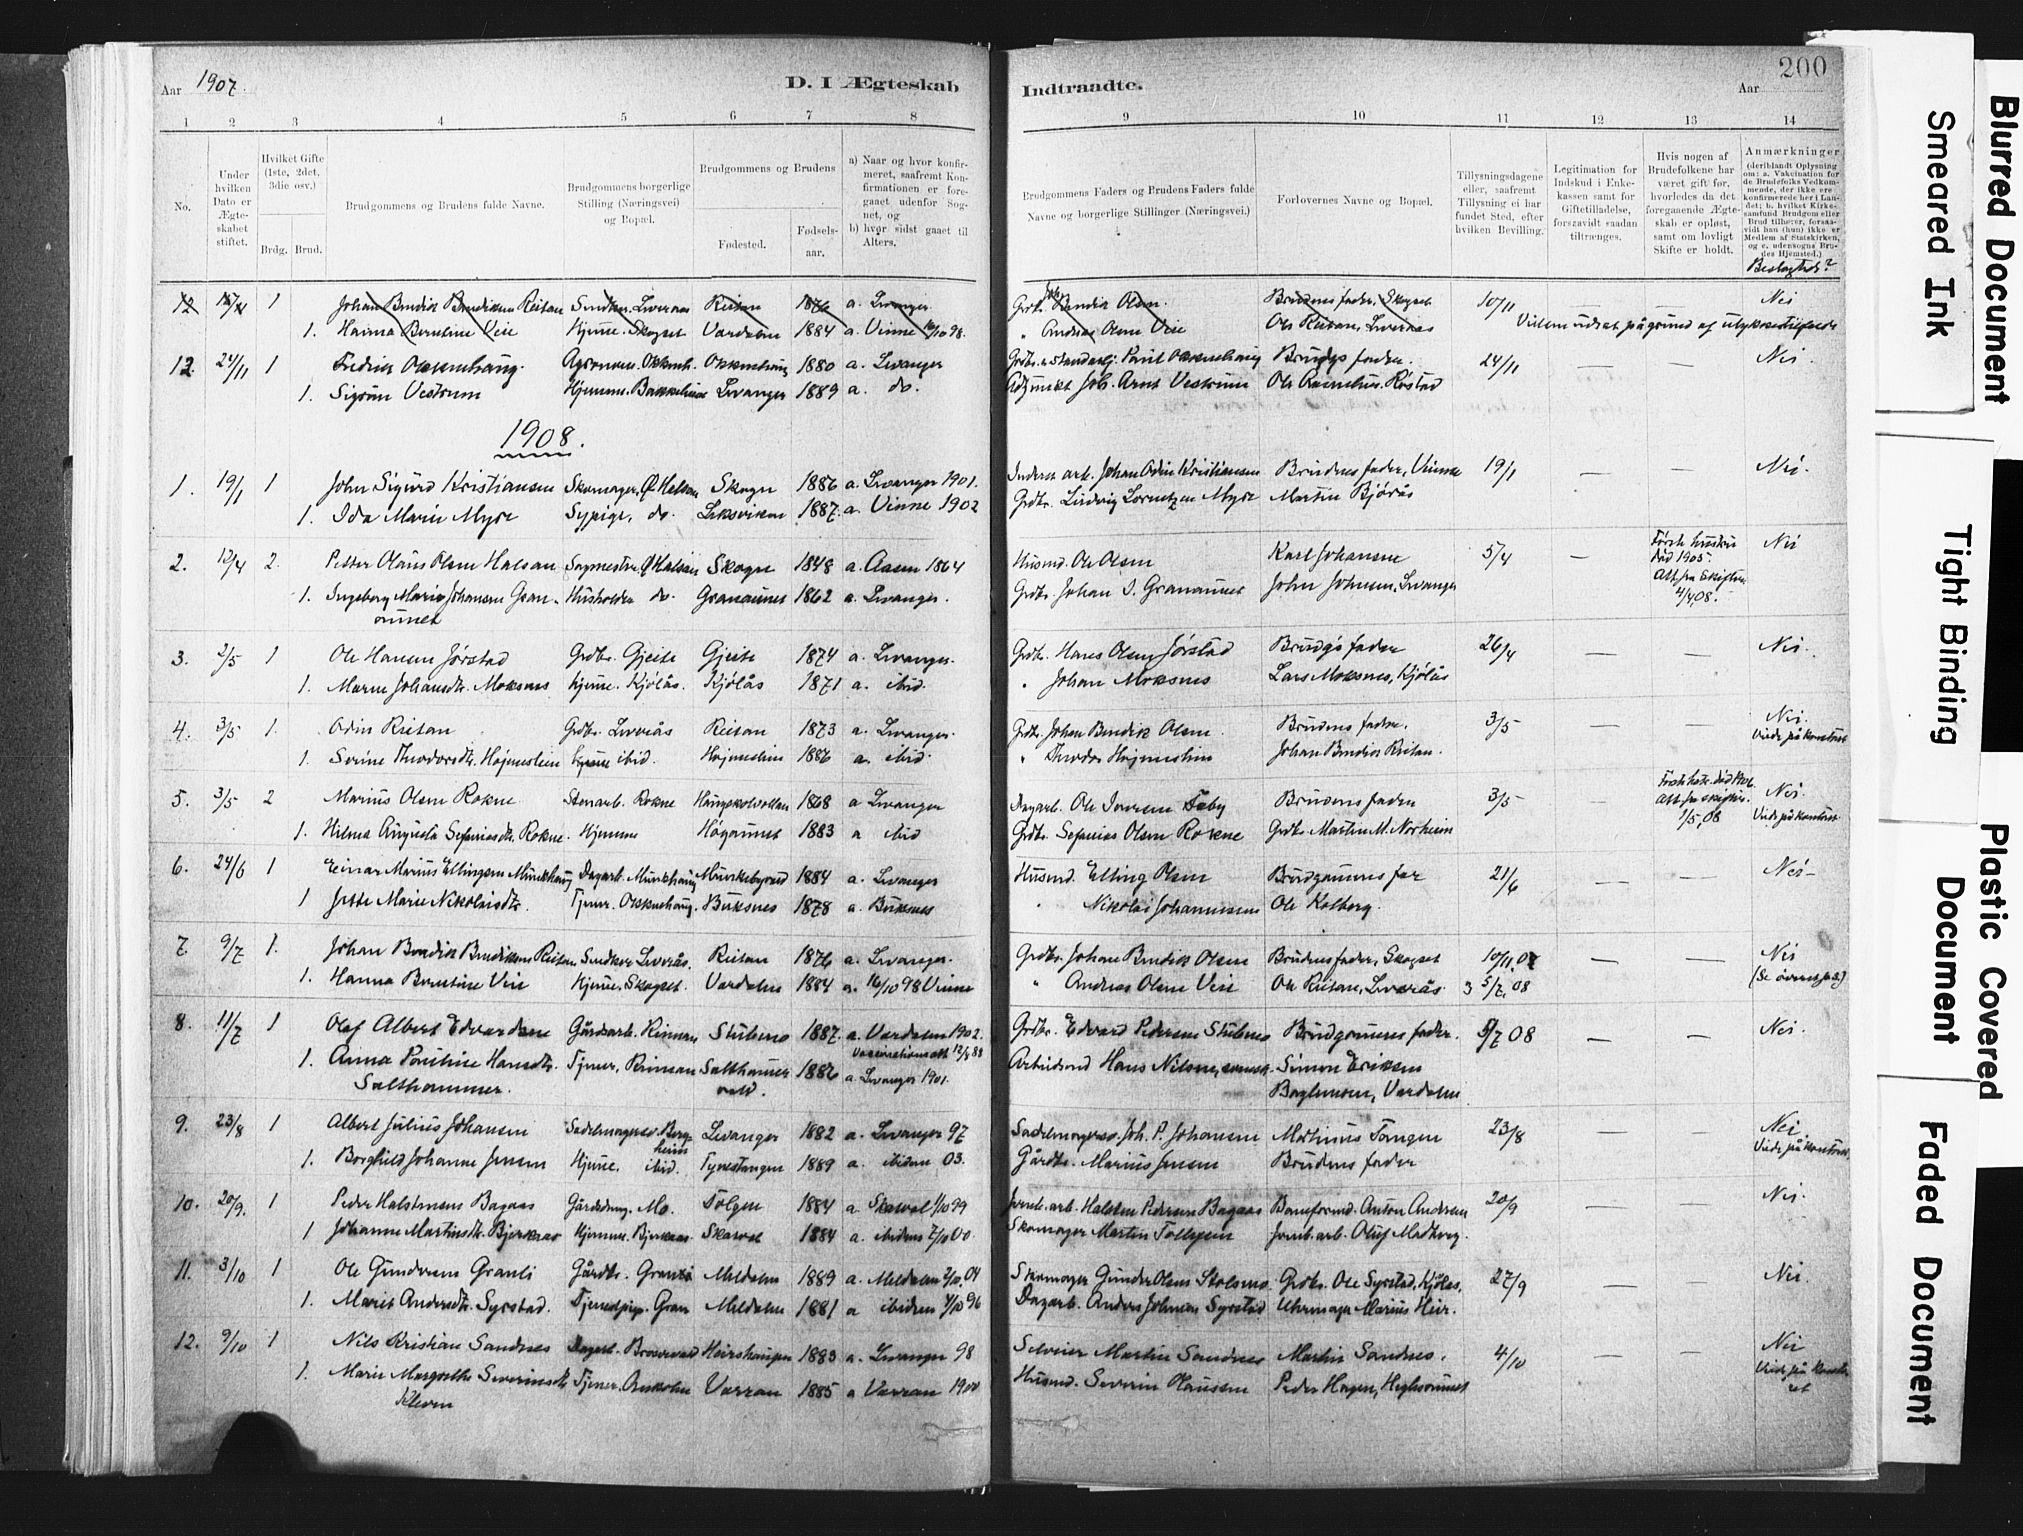 SAT, Ministerialprotokoller, klokkerbøker og fødselsregistre - Nord-Trøndelag, 721/L0207: Ministerialbok nr. 721A02, 1880-1911, s. 200